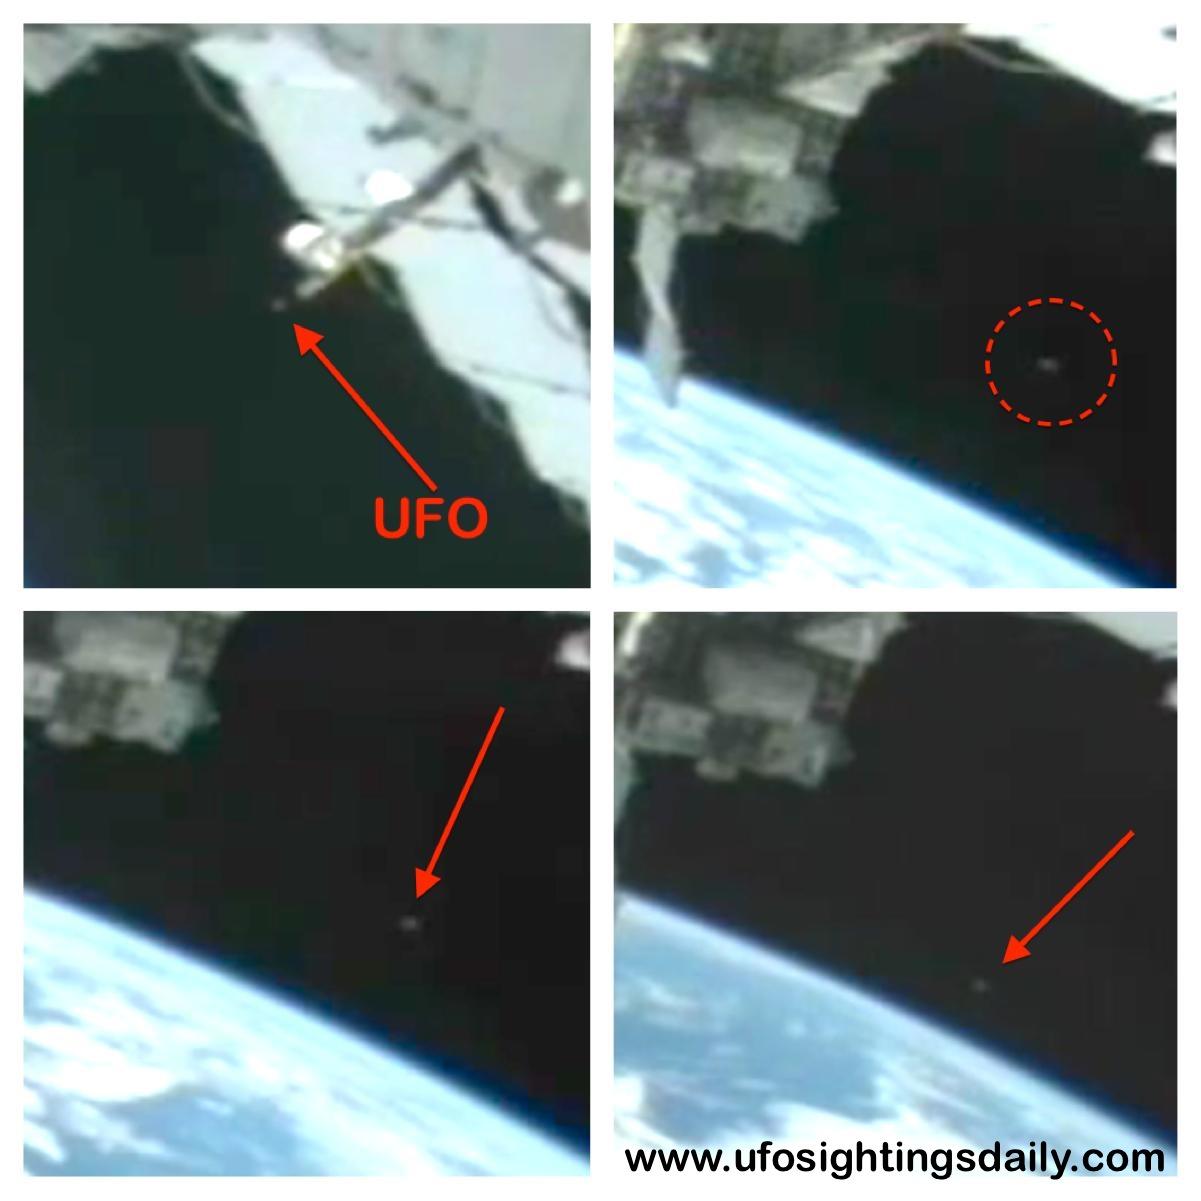 http://1.bp.blogspot.com/-gflesbta-9A/UQtONJCPshI/AAAAAAAAOro/j8_WXxS9ToA/s1600/UFO,+UFOS,+sighting,+sightings,+alien,+aliens,+space,+station,+nasa,+russia,+china,+ISS,+orb,+orbs,+2013,+Justin+Bieber,+Selena+Gomez,+news,+gossip,+.jpg